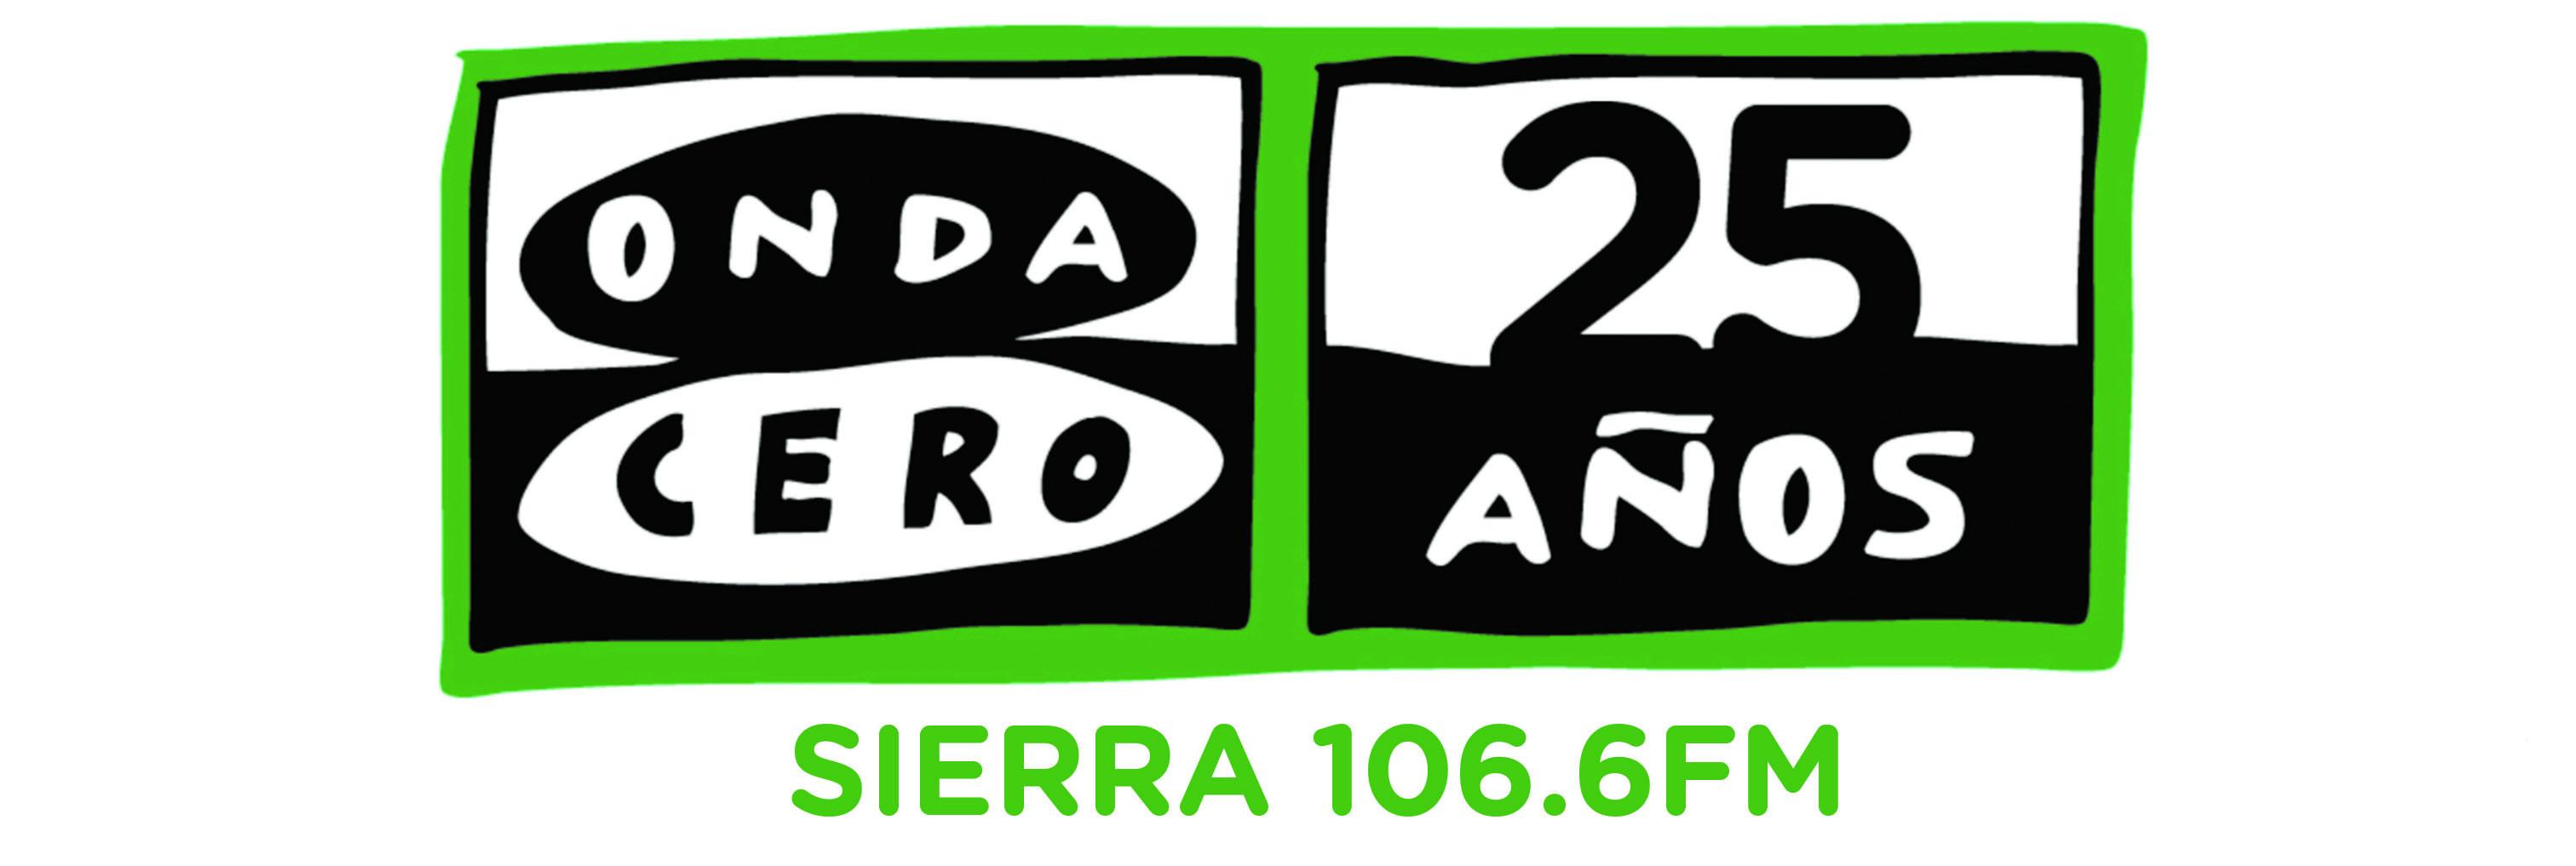 MÁS DE UNO SIERRA – Introducción, Noticias y entrevista a la Portavoz de Vox en Collado Villalba